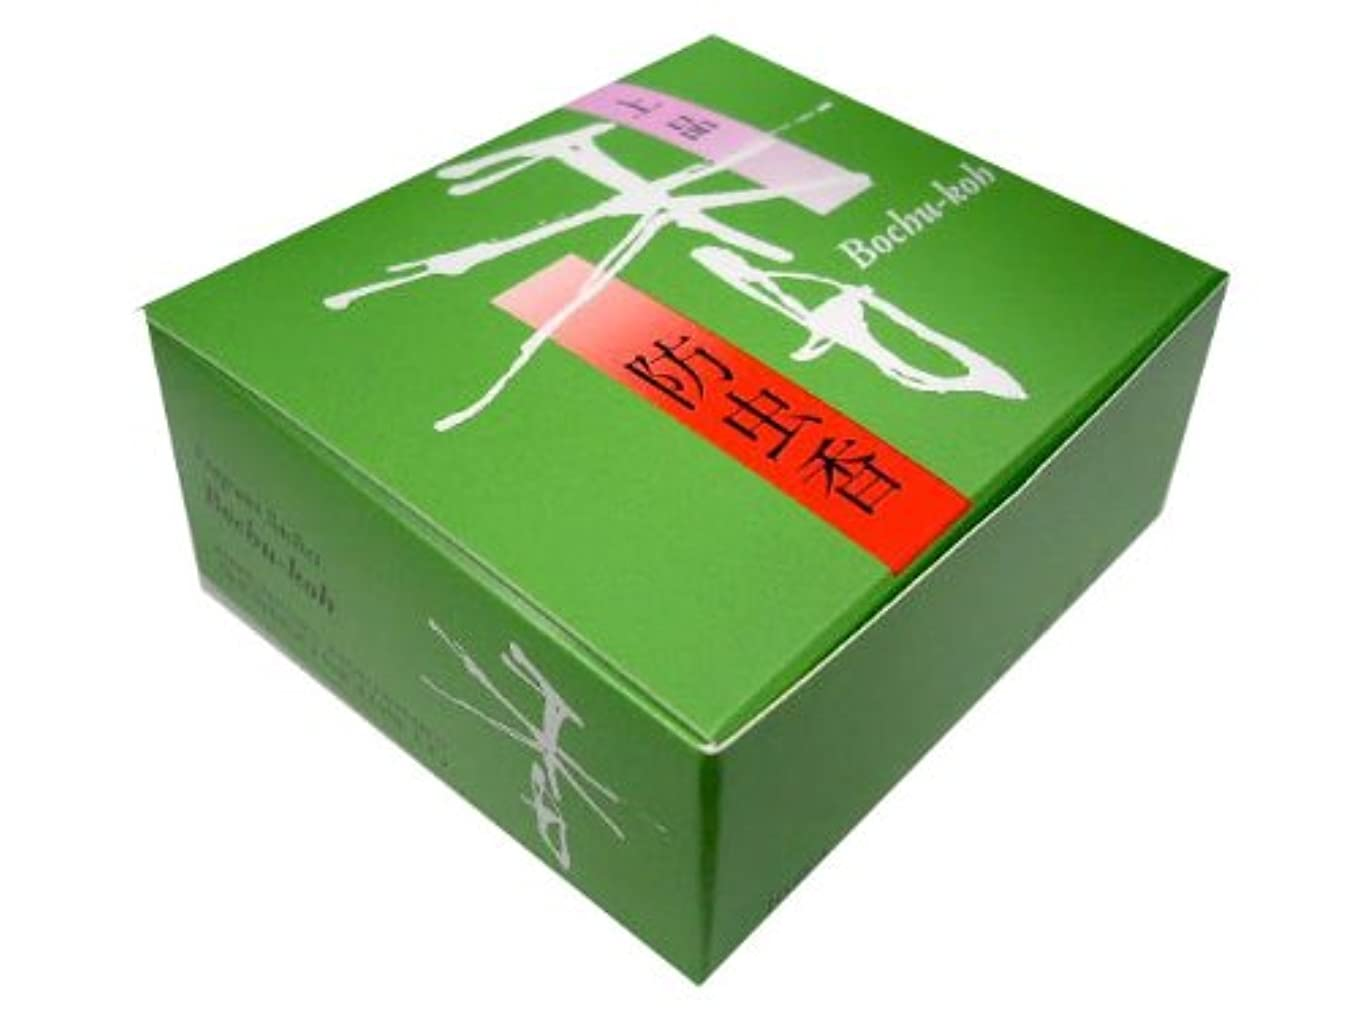 ギャンブルぴったりゴミ箱を空にする松栄堂の防虫香 上品 防虫香 10袋入 #520138